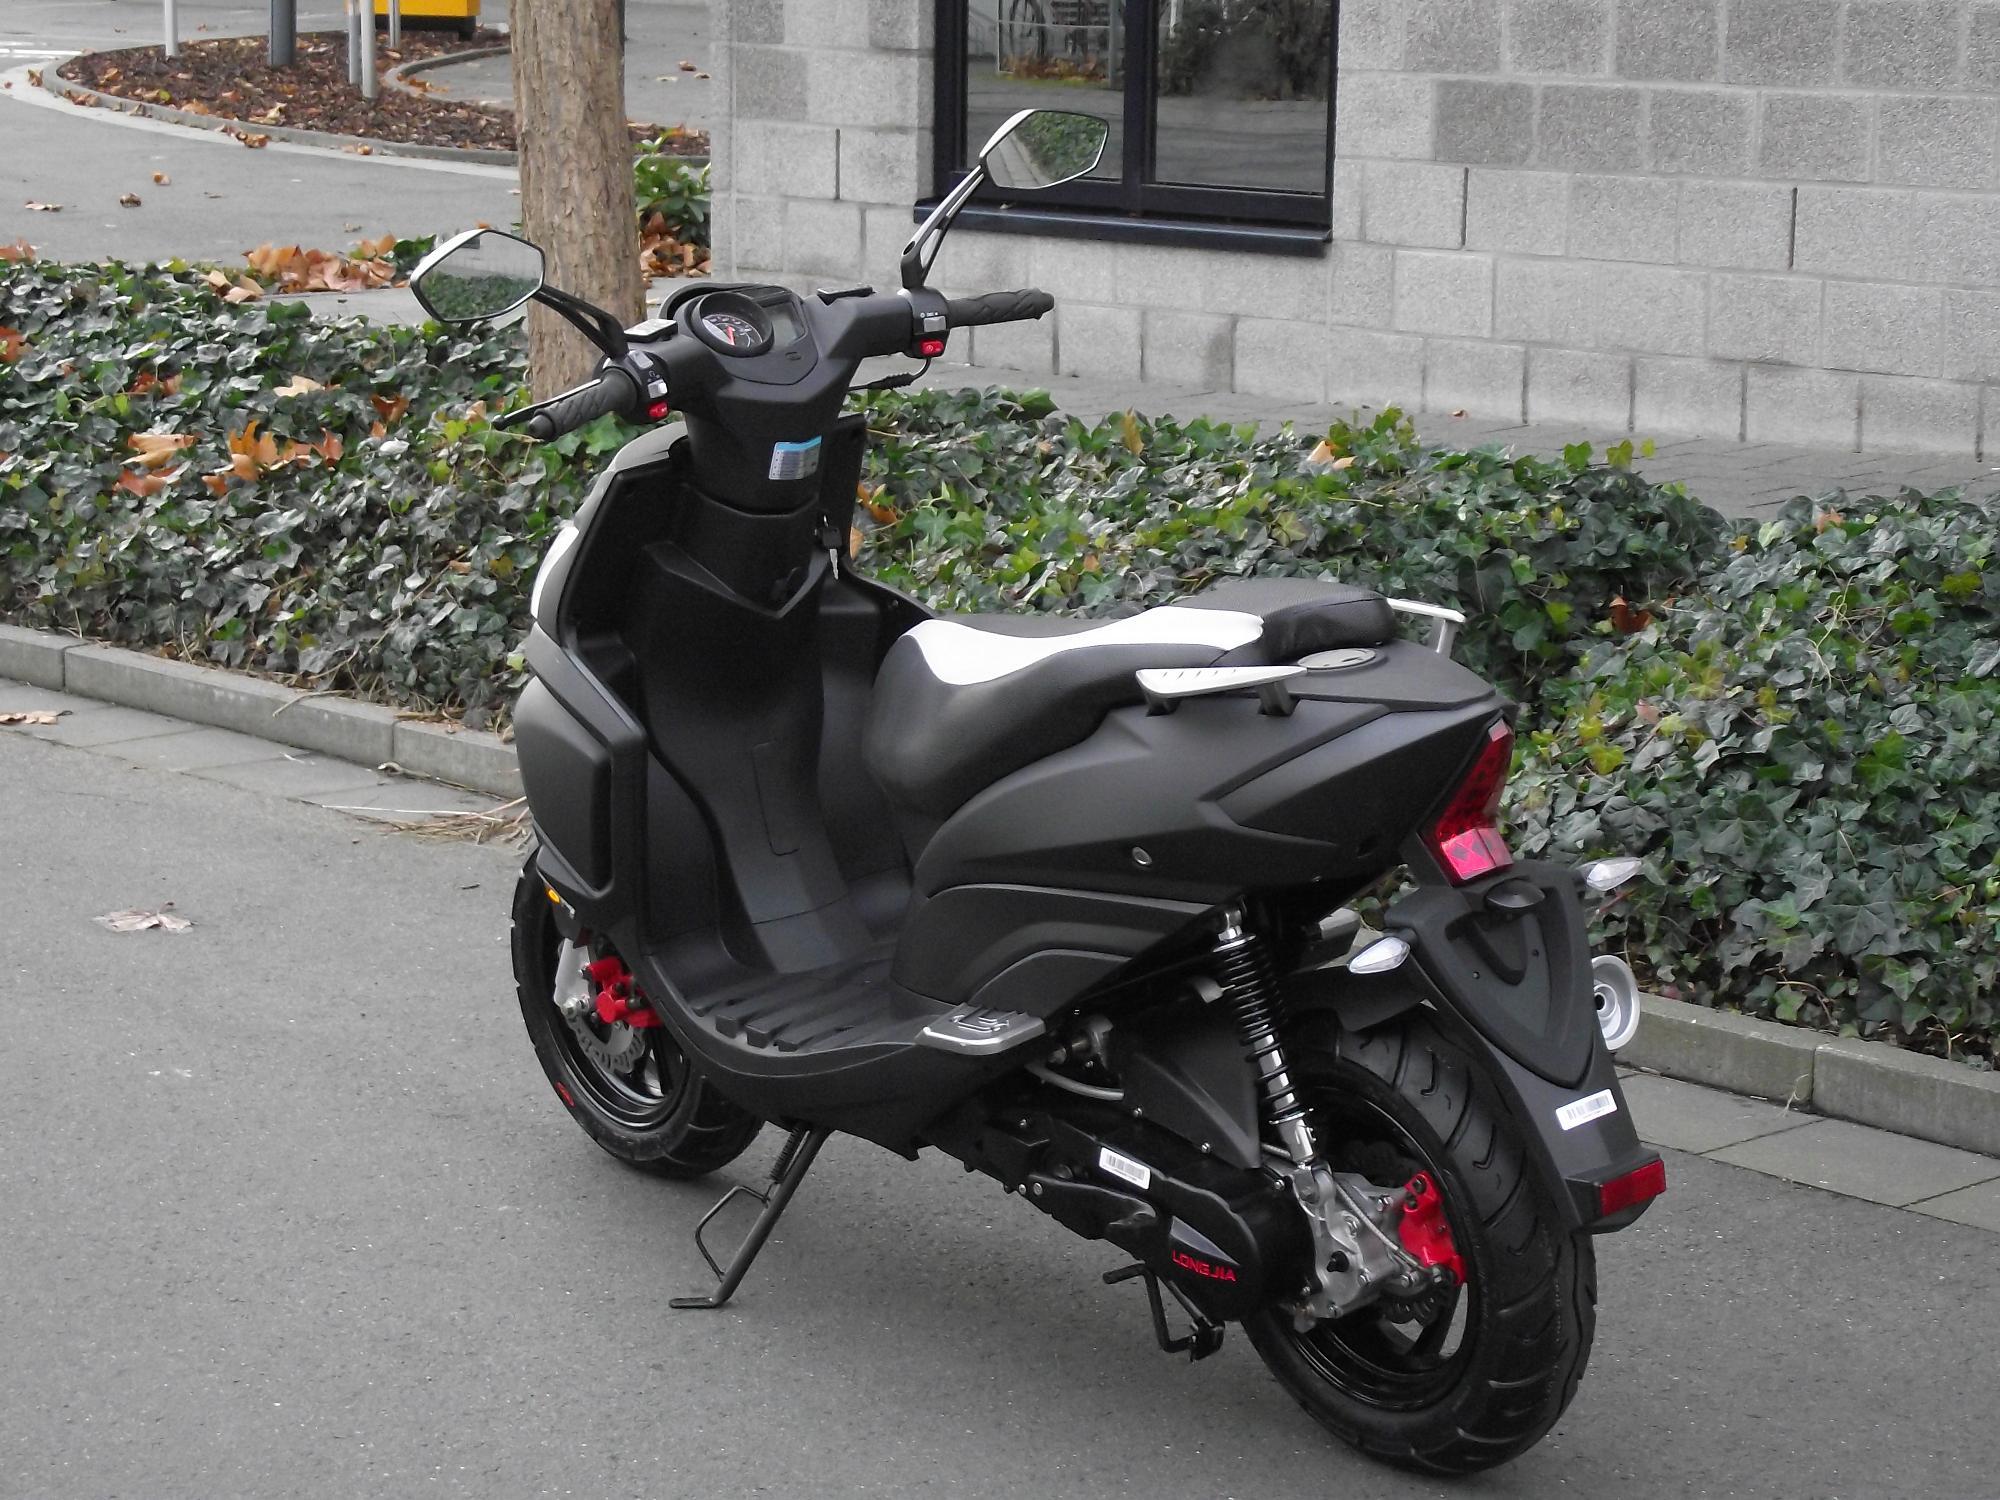 2 takt sport roller 50 ccm motorroller scooter neu ebay. Black Bedroom Furniture Sets. Home Design Ideas